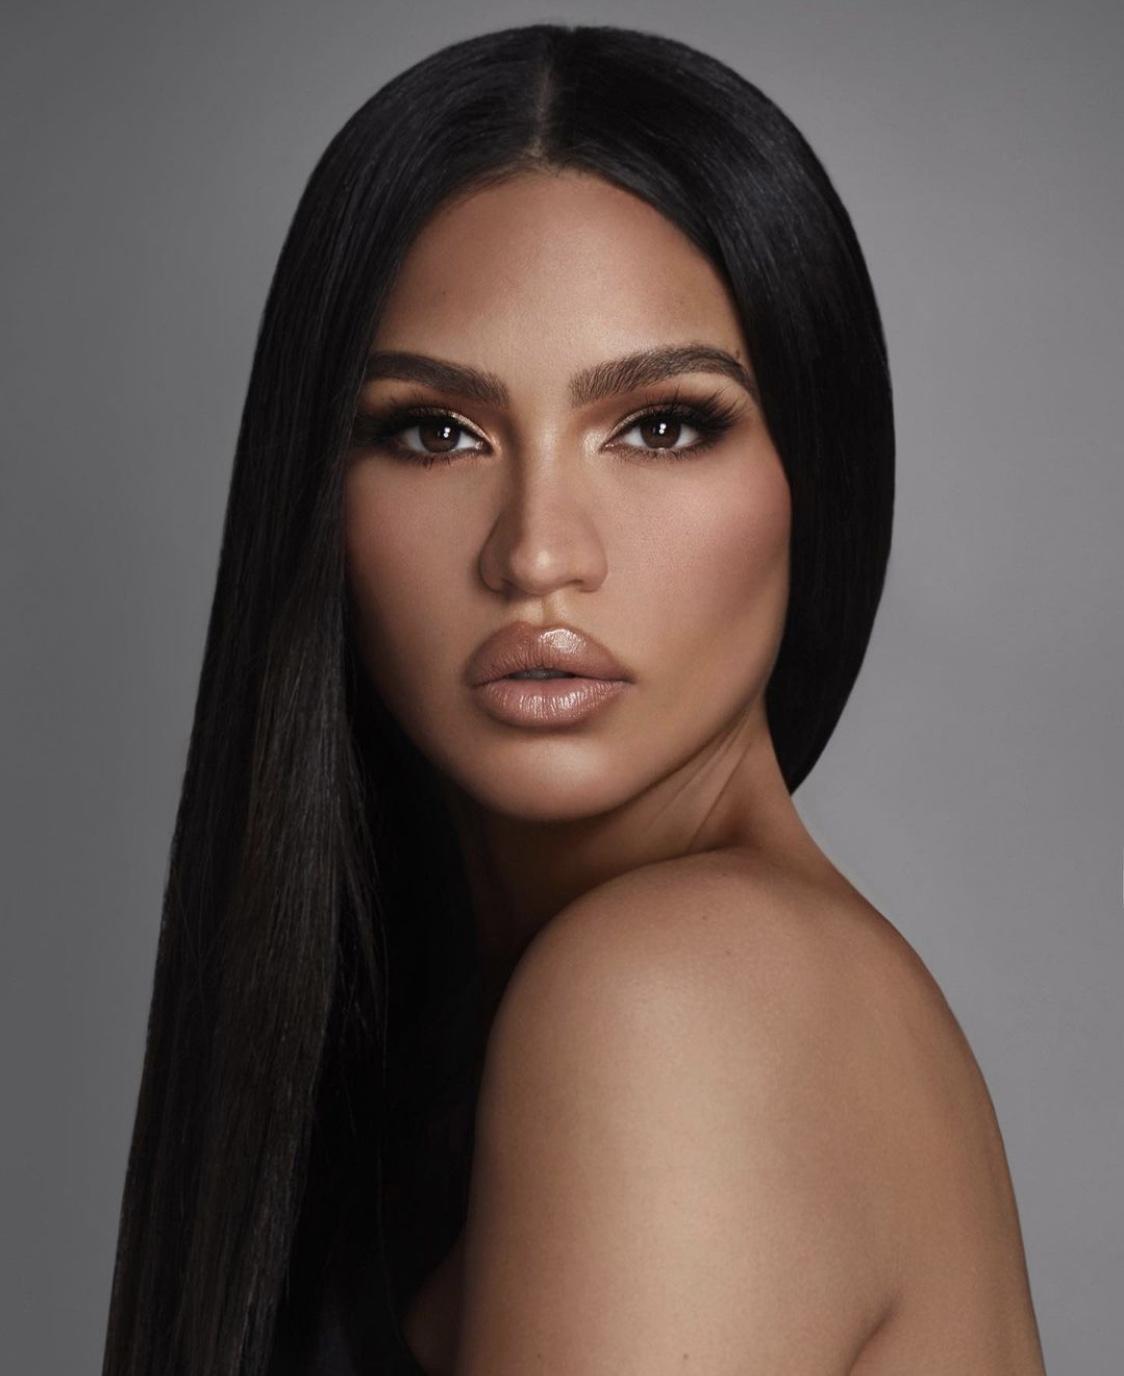 face-of-makeup-best-beauty-cassie-photos-2020